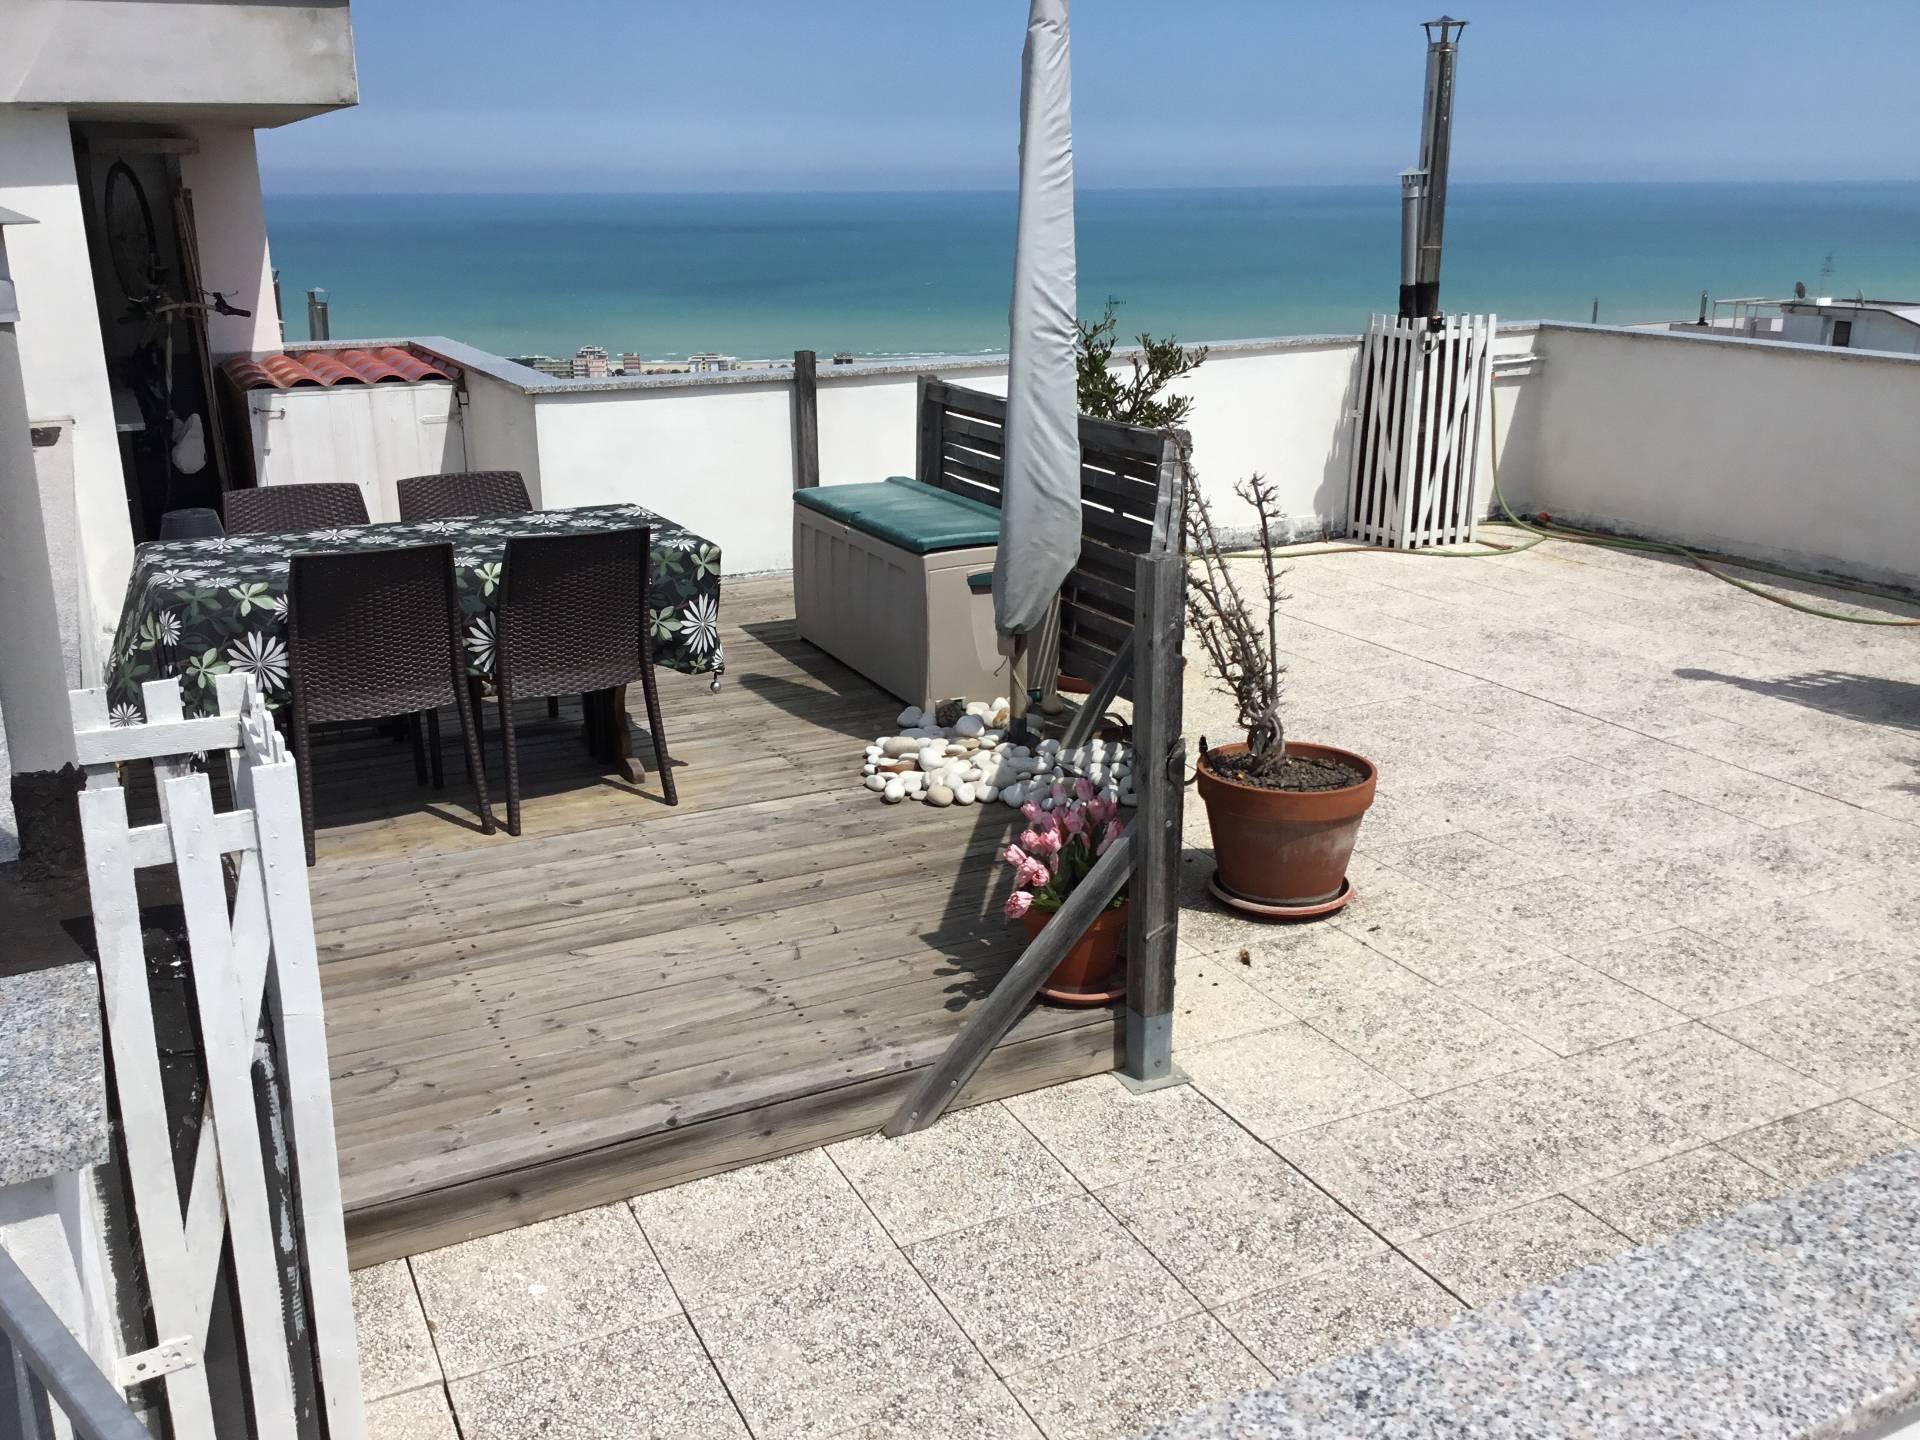 Appartamento in vendita a Tortoreto, 3 locali, prezzo € 75.000 | PortaleAgenzieImmobiliari.it